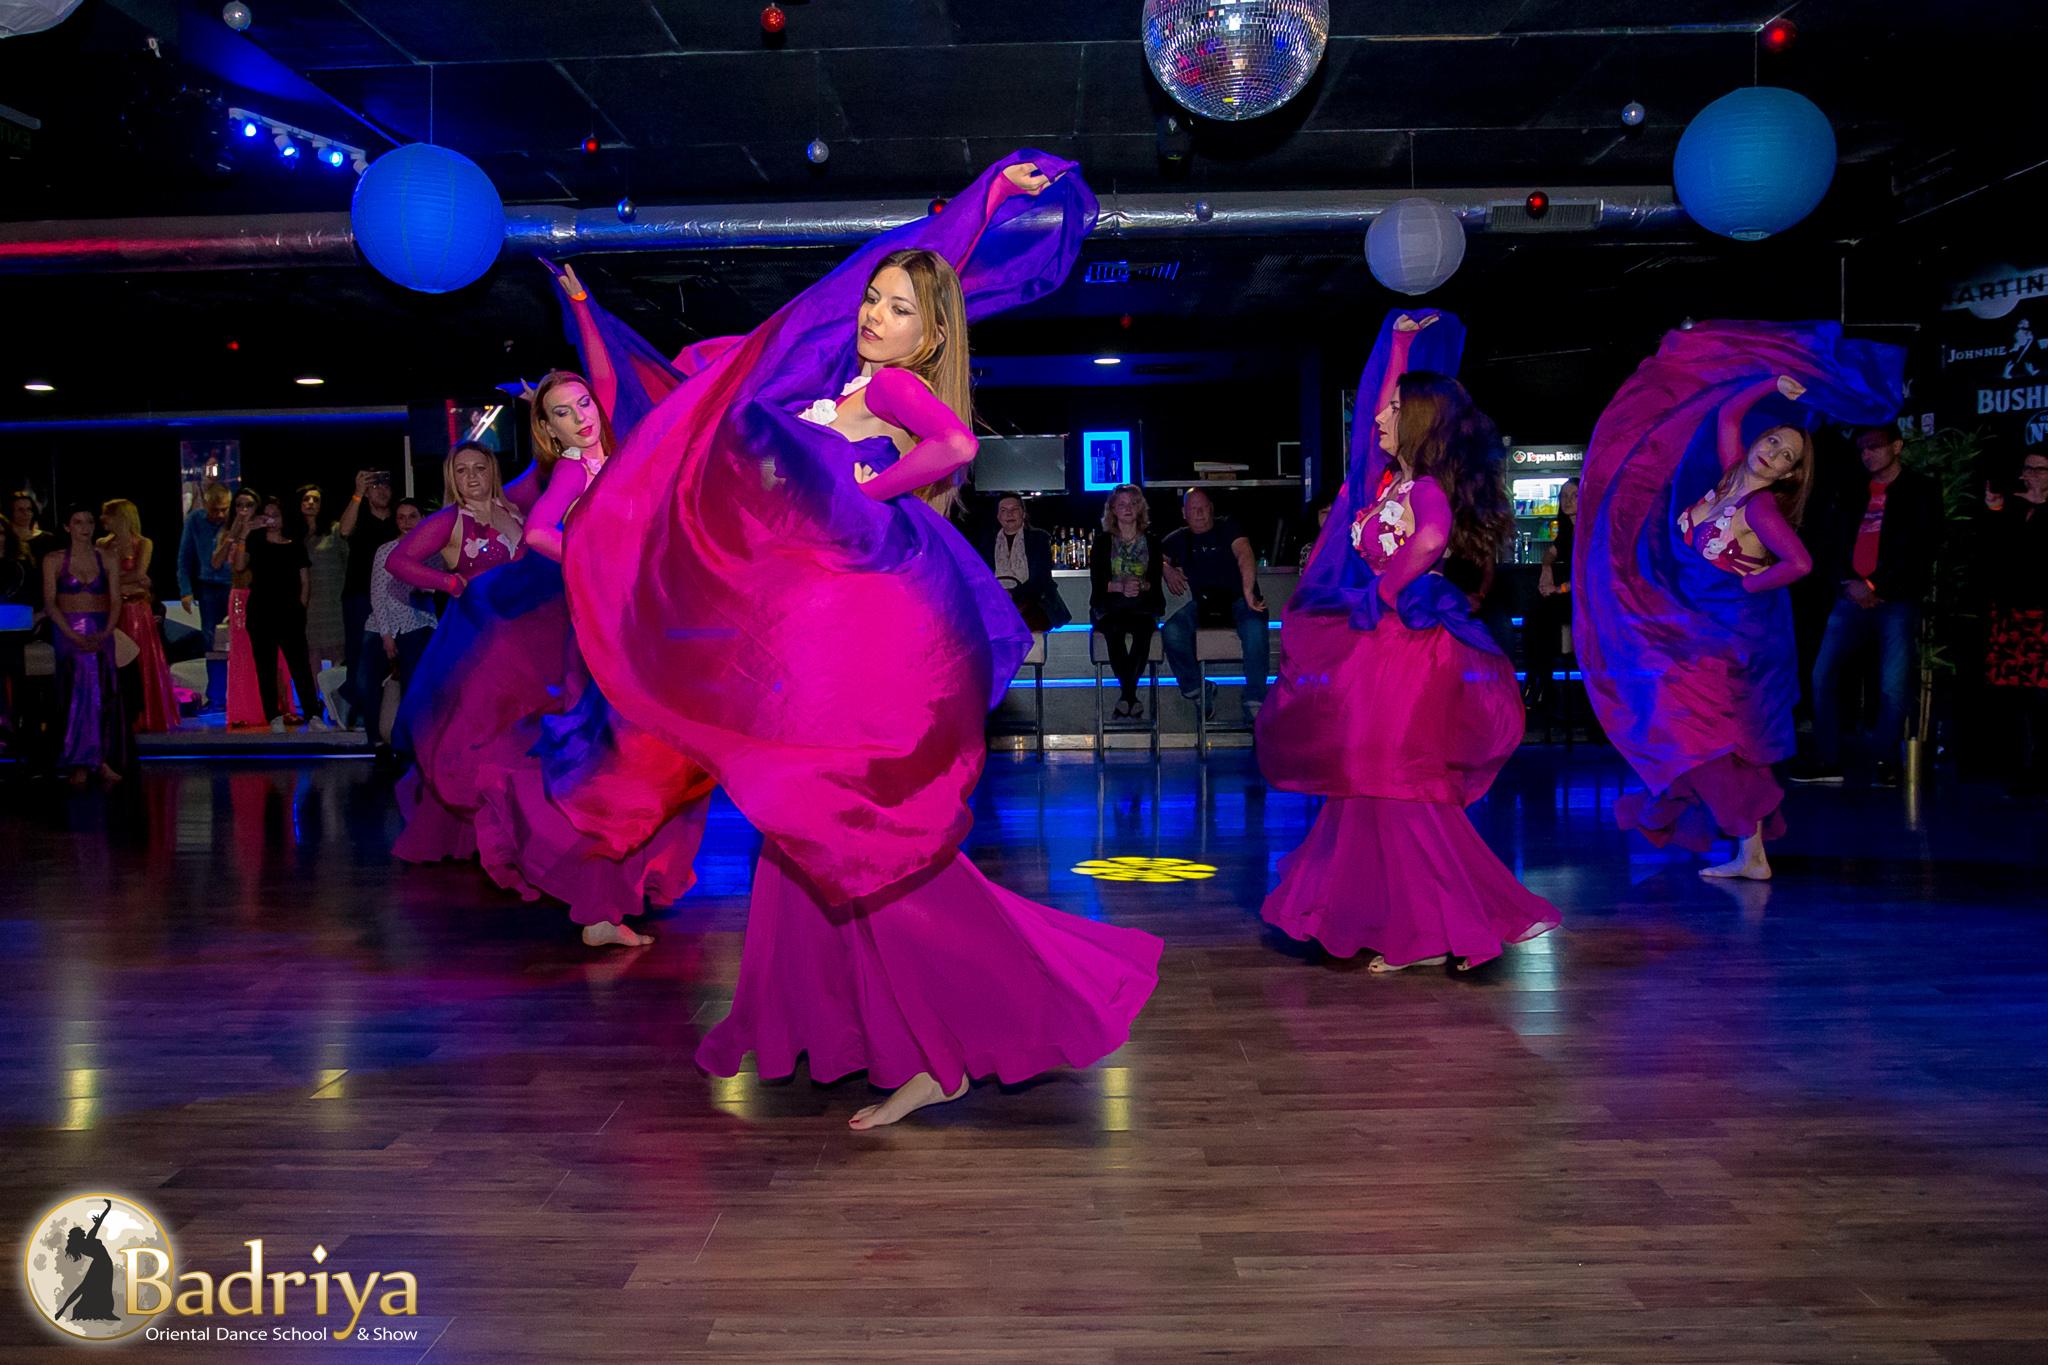 ориенталско парти Калиенте, ориенталски танци калиене